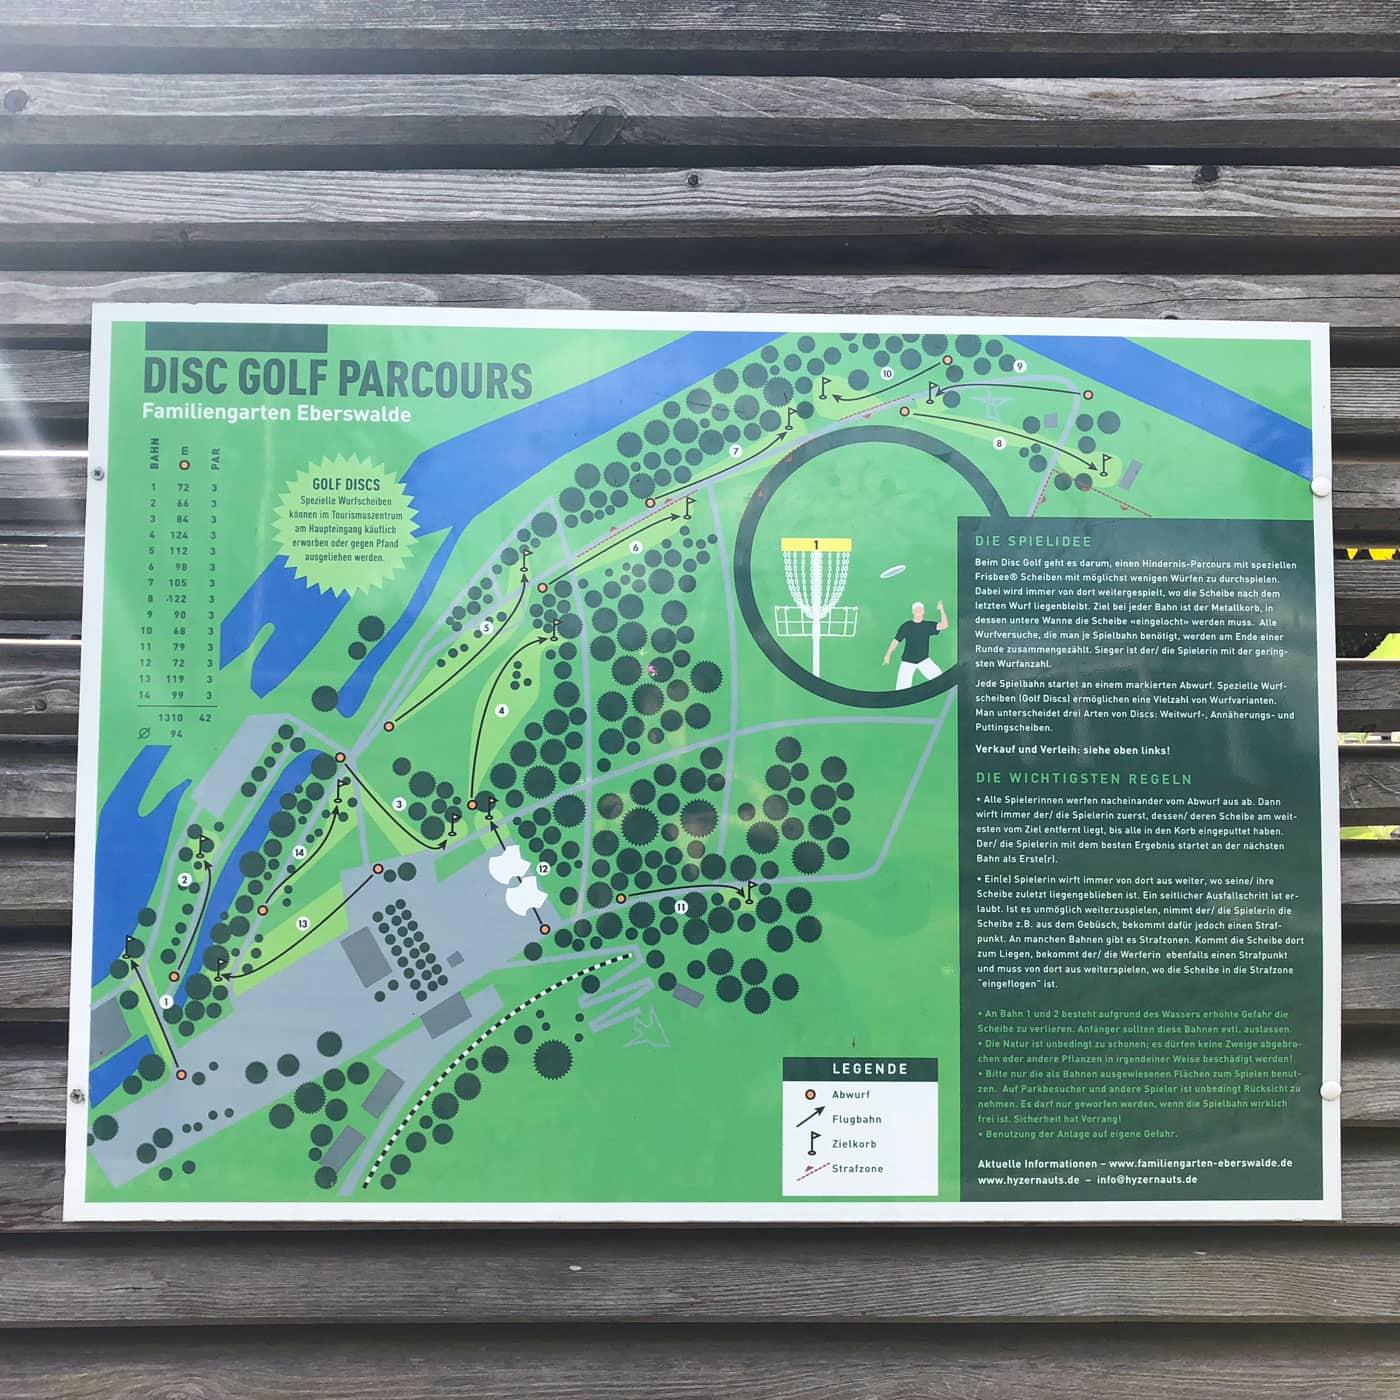 Disc Golf Parcour im Familiengarten Eberswalde // HIMBEER